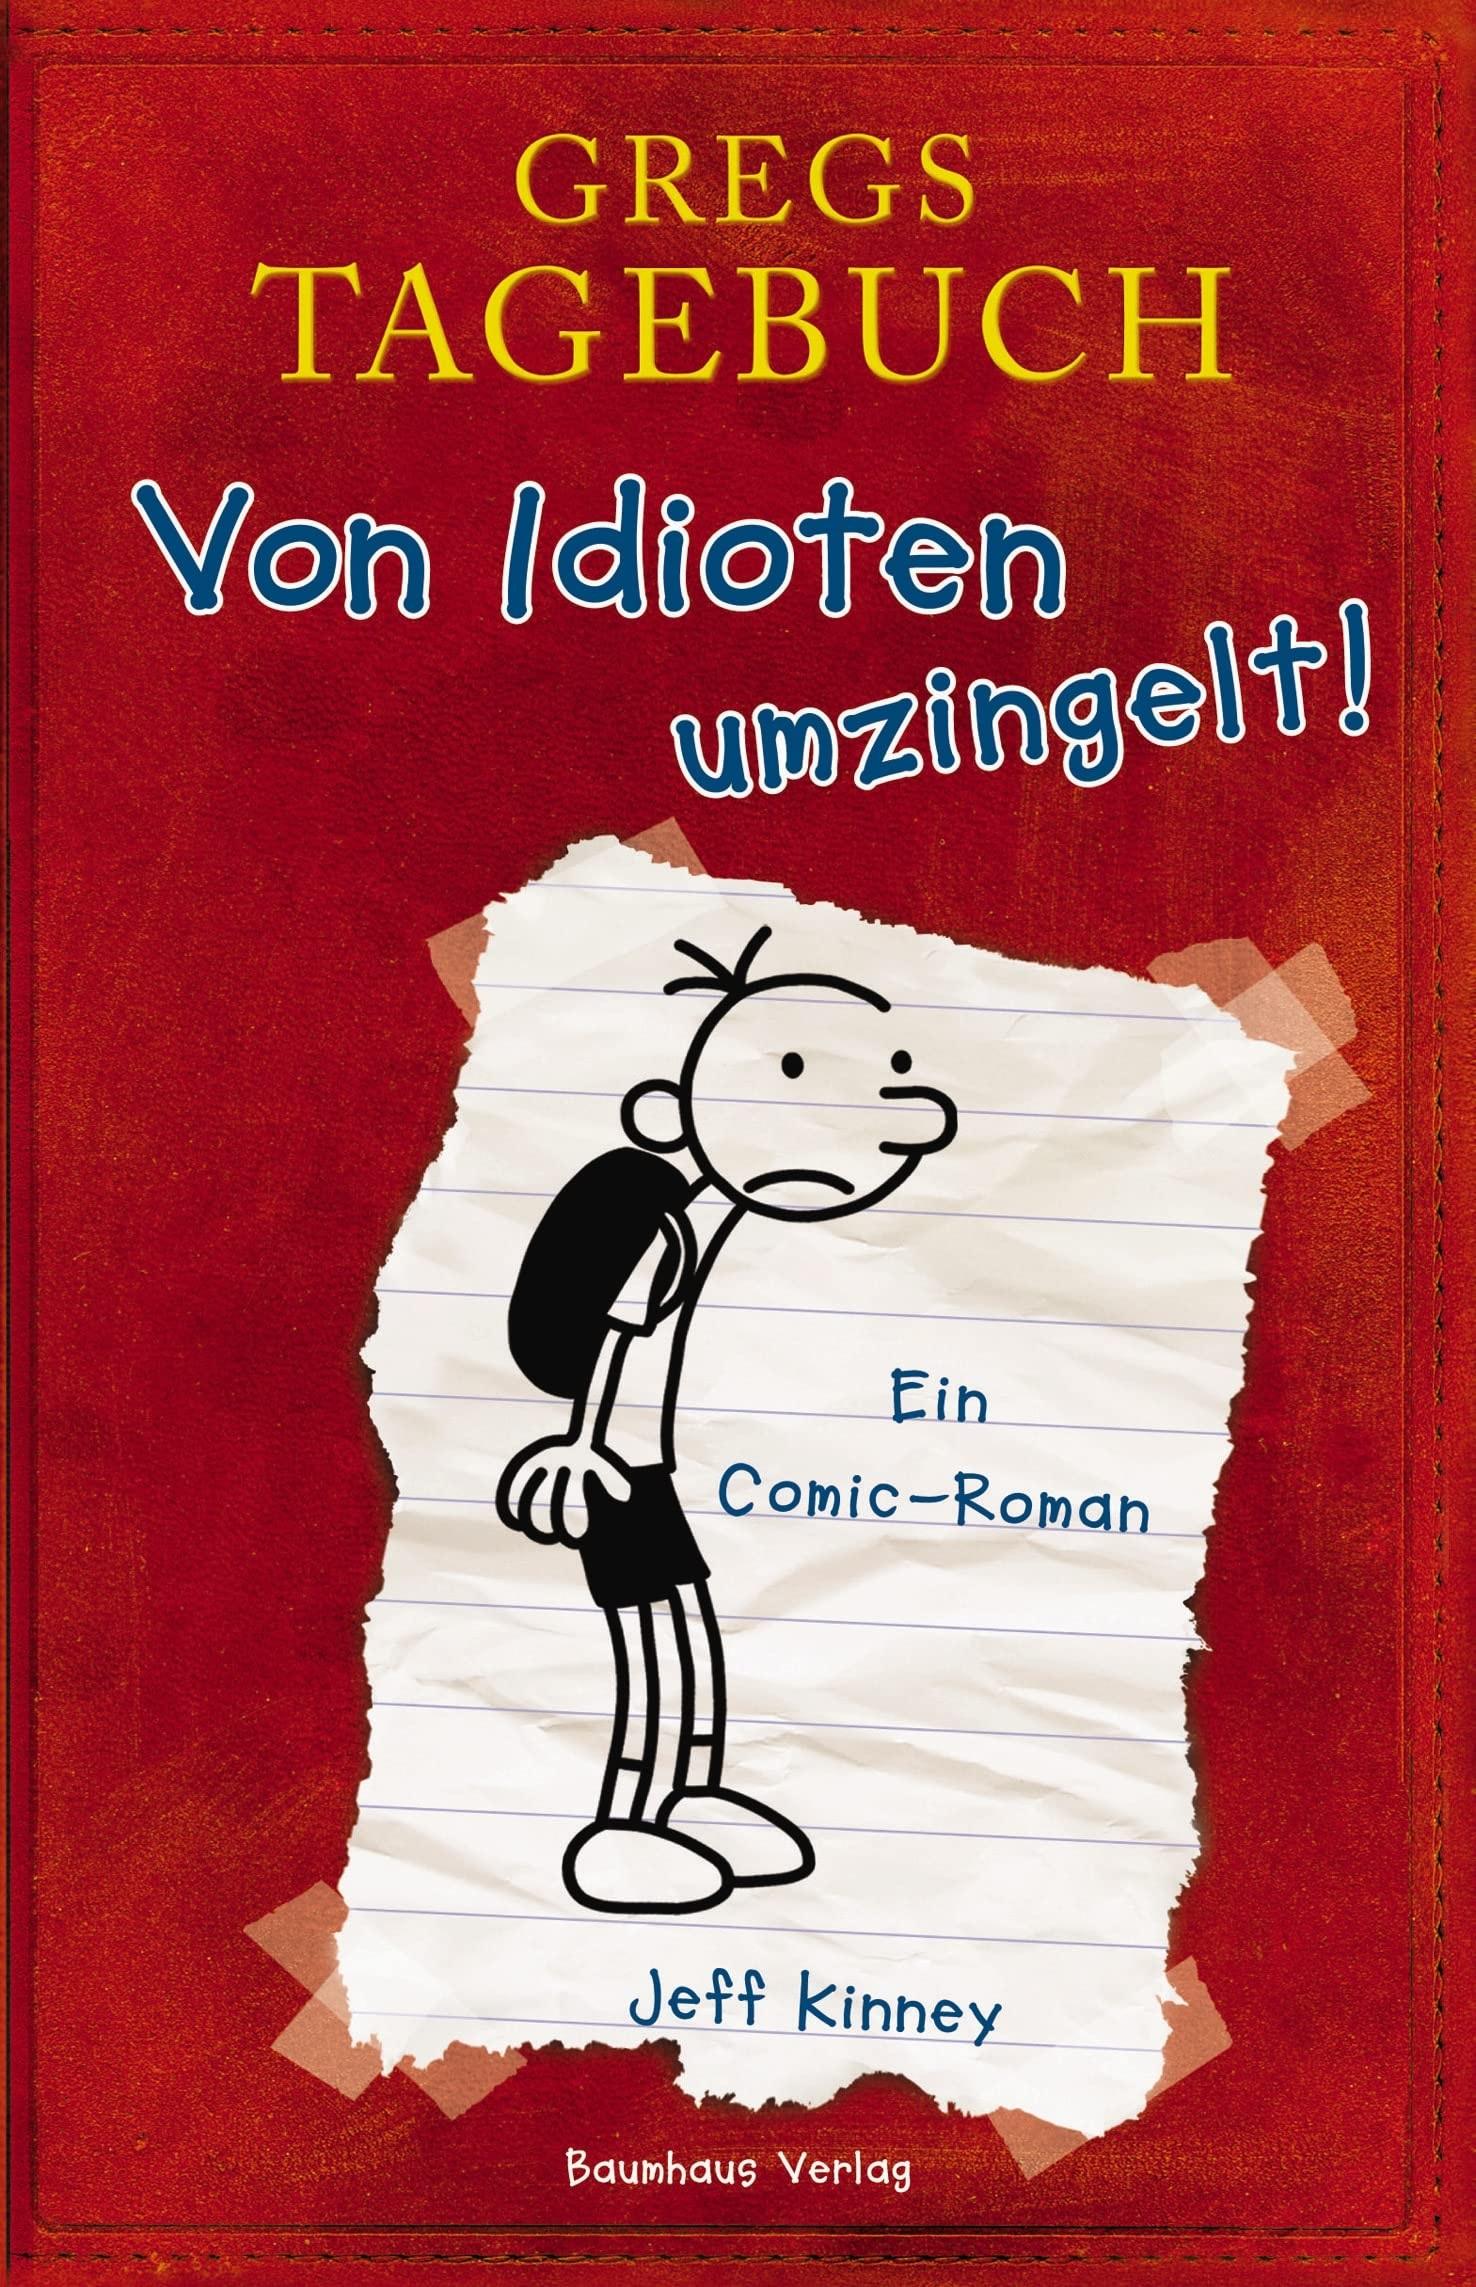 Gregs Tagebuch - Band 1: Von Idioten umzingelt! - Jeff Kinney [24. Auflage 2012]